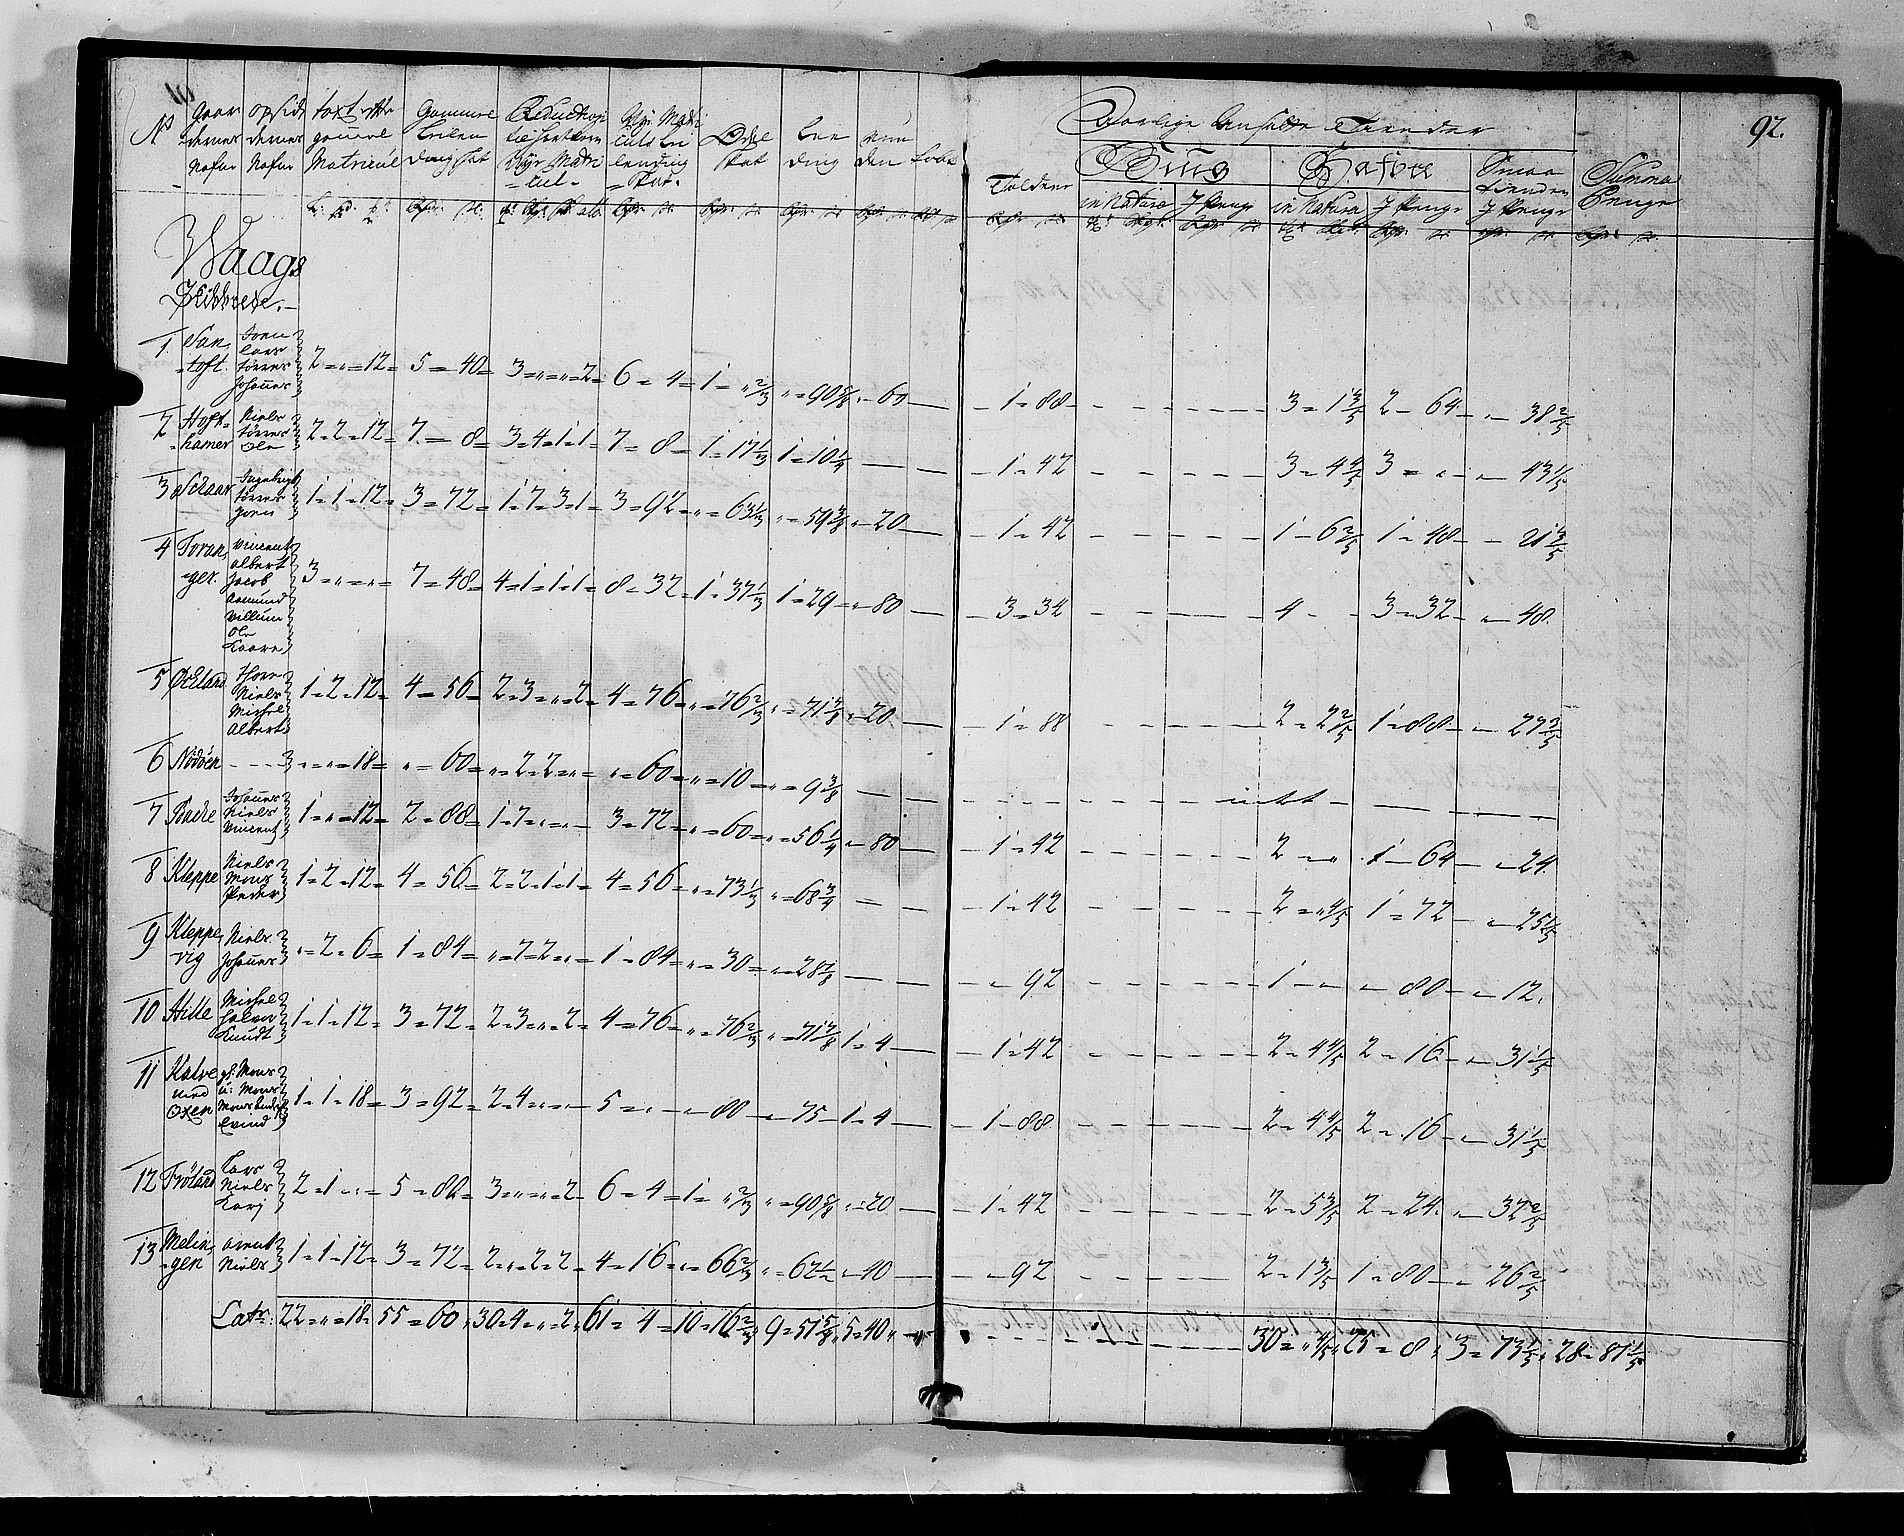 RA, Rentekammeret inntil 1814, Realistisk ordnet avdeling, N/Nb/Nbf/L0135: Sunnhordland matrikkelprotokoll, 1723, s. 91b-92a